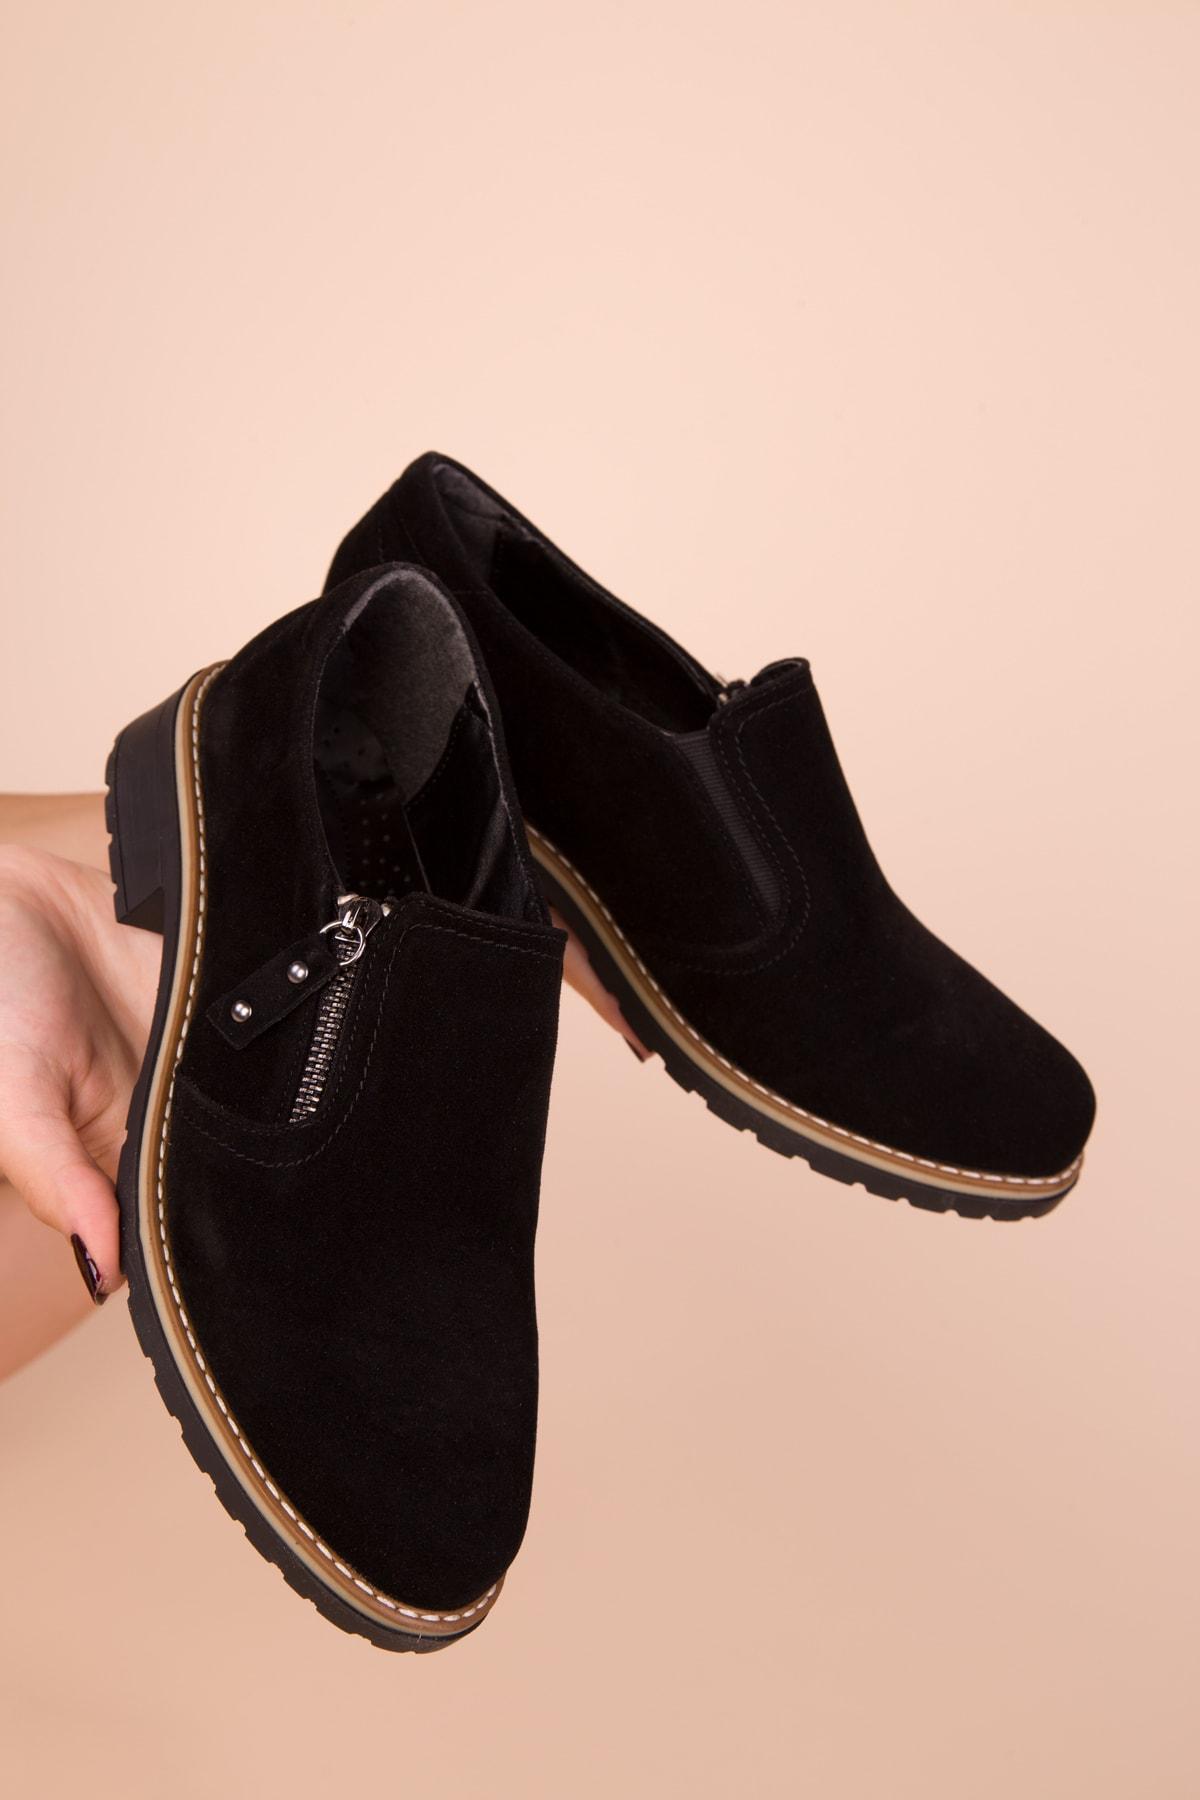 SOHO Siyah Süet Kadın Casual Ayakkabı 15472 2